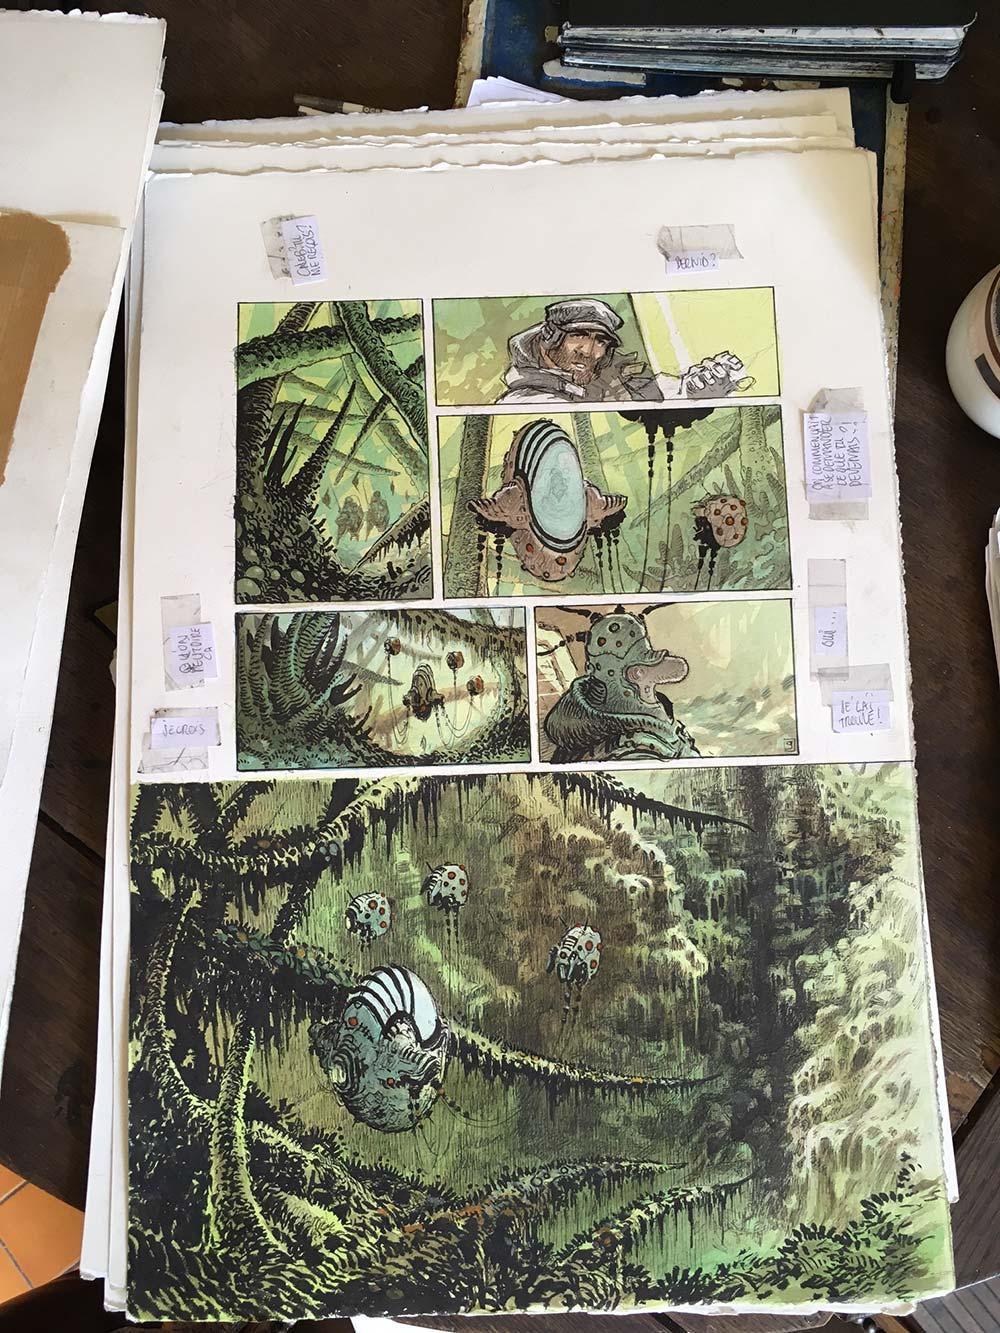 Orbital tome 8 : premières planches couleurs - 6